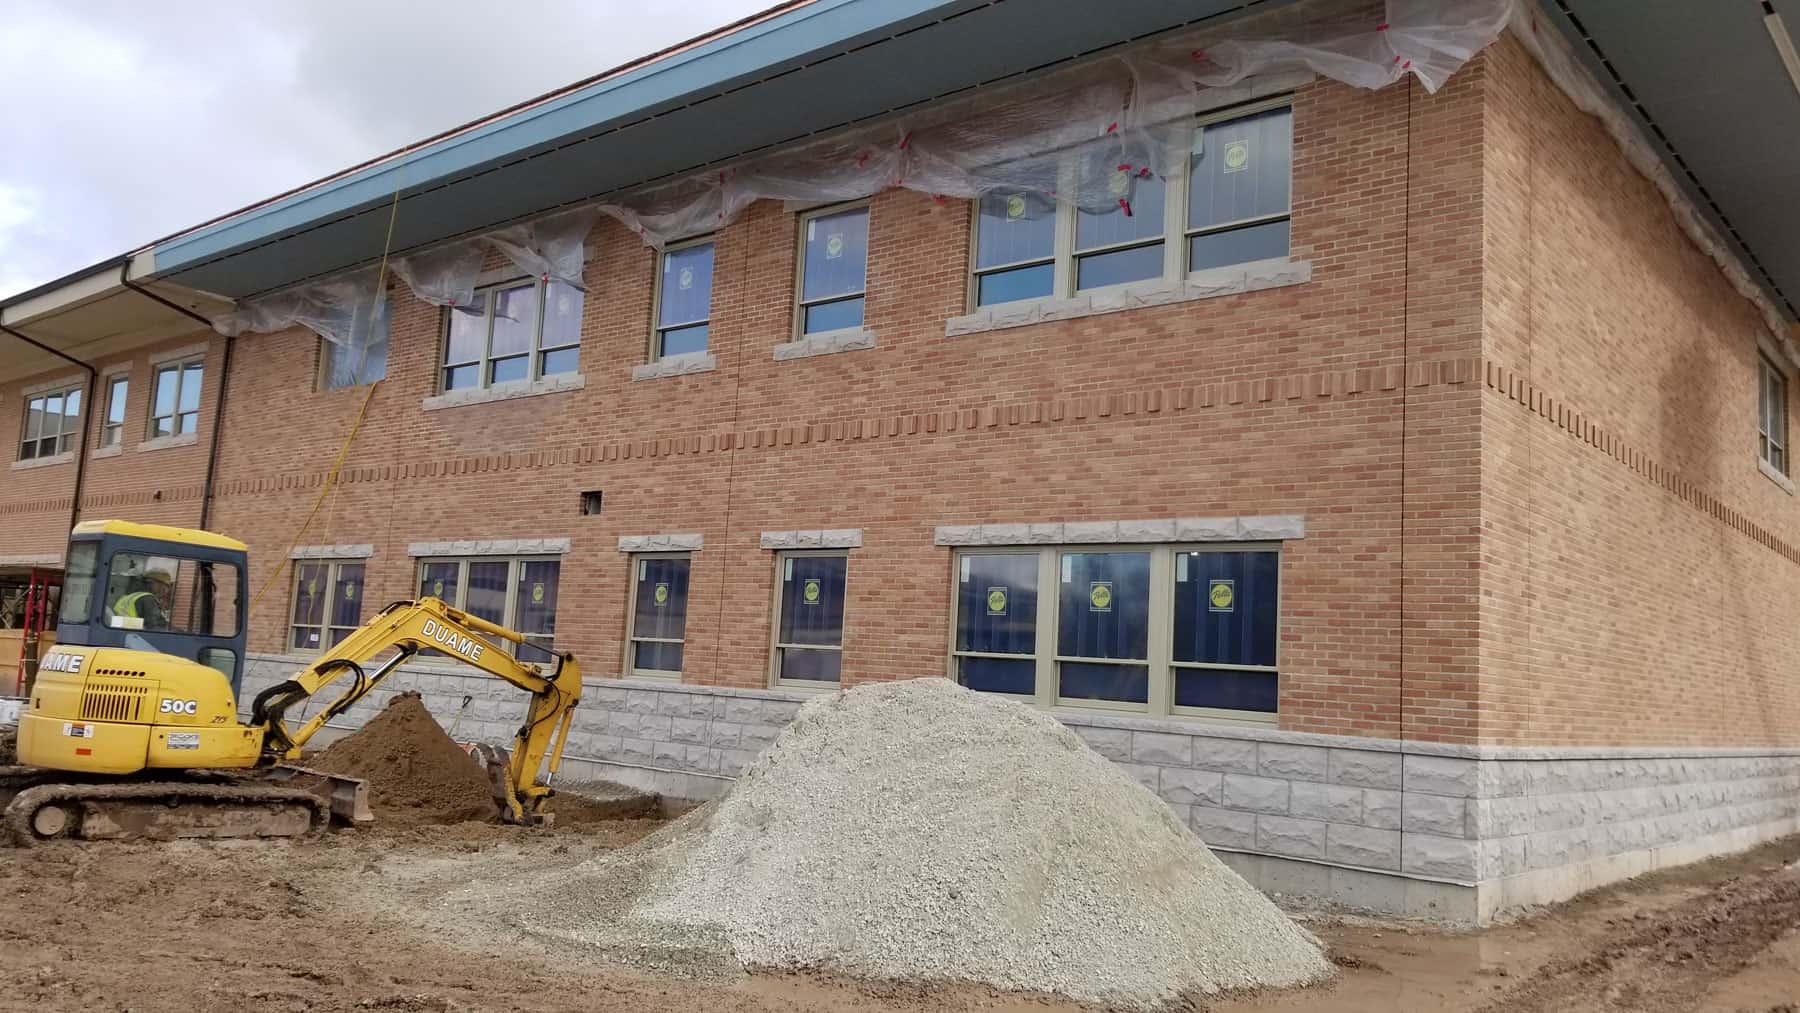 IEI offers versatility among regional school building contractors